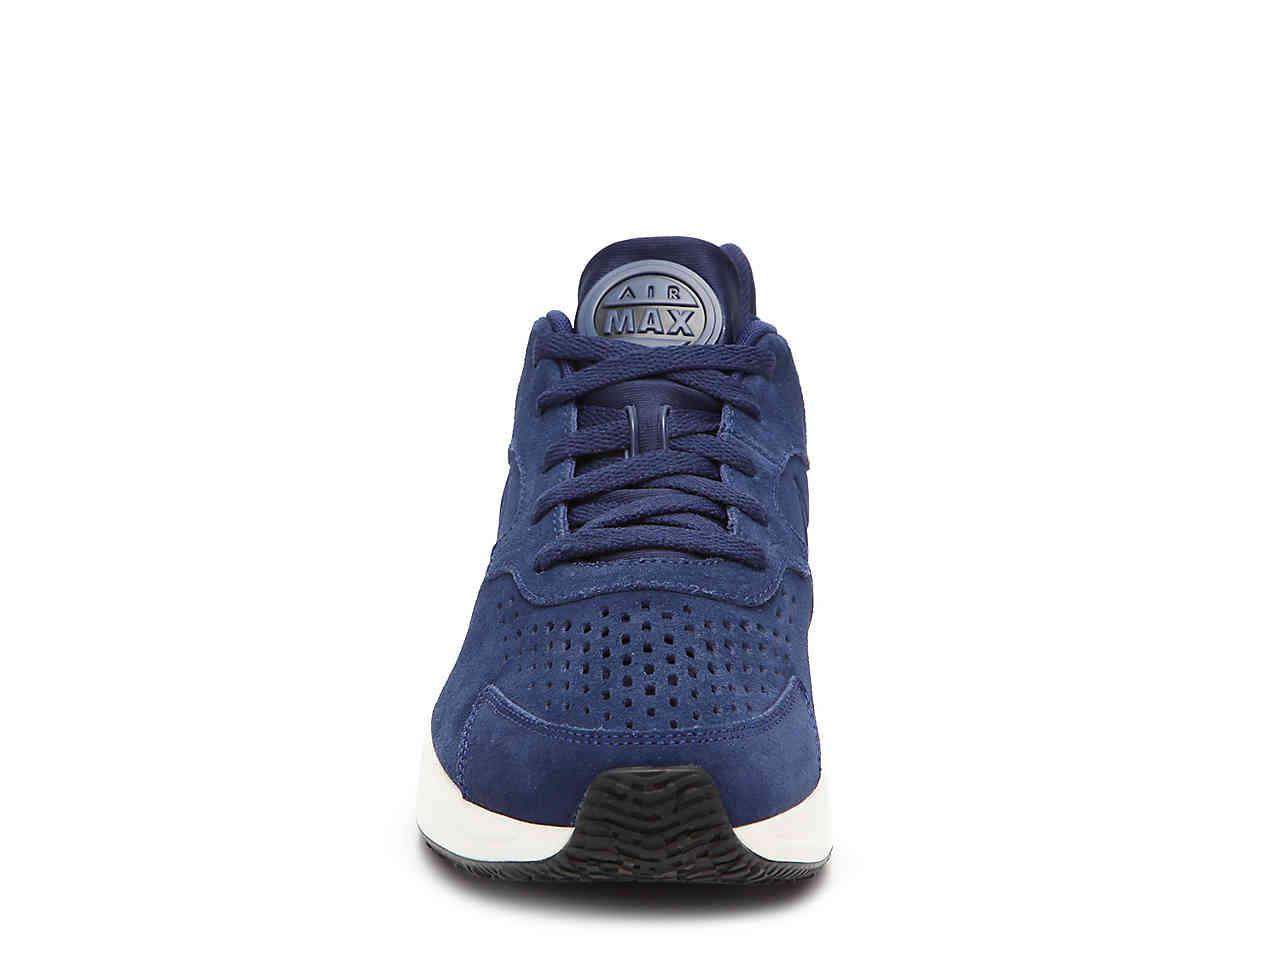 bc329ad791873 Lyst - Nike Air Max Guile Premium Sneaker in Blue for Men